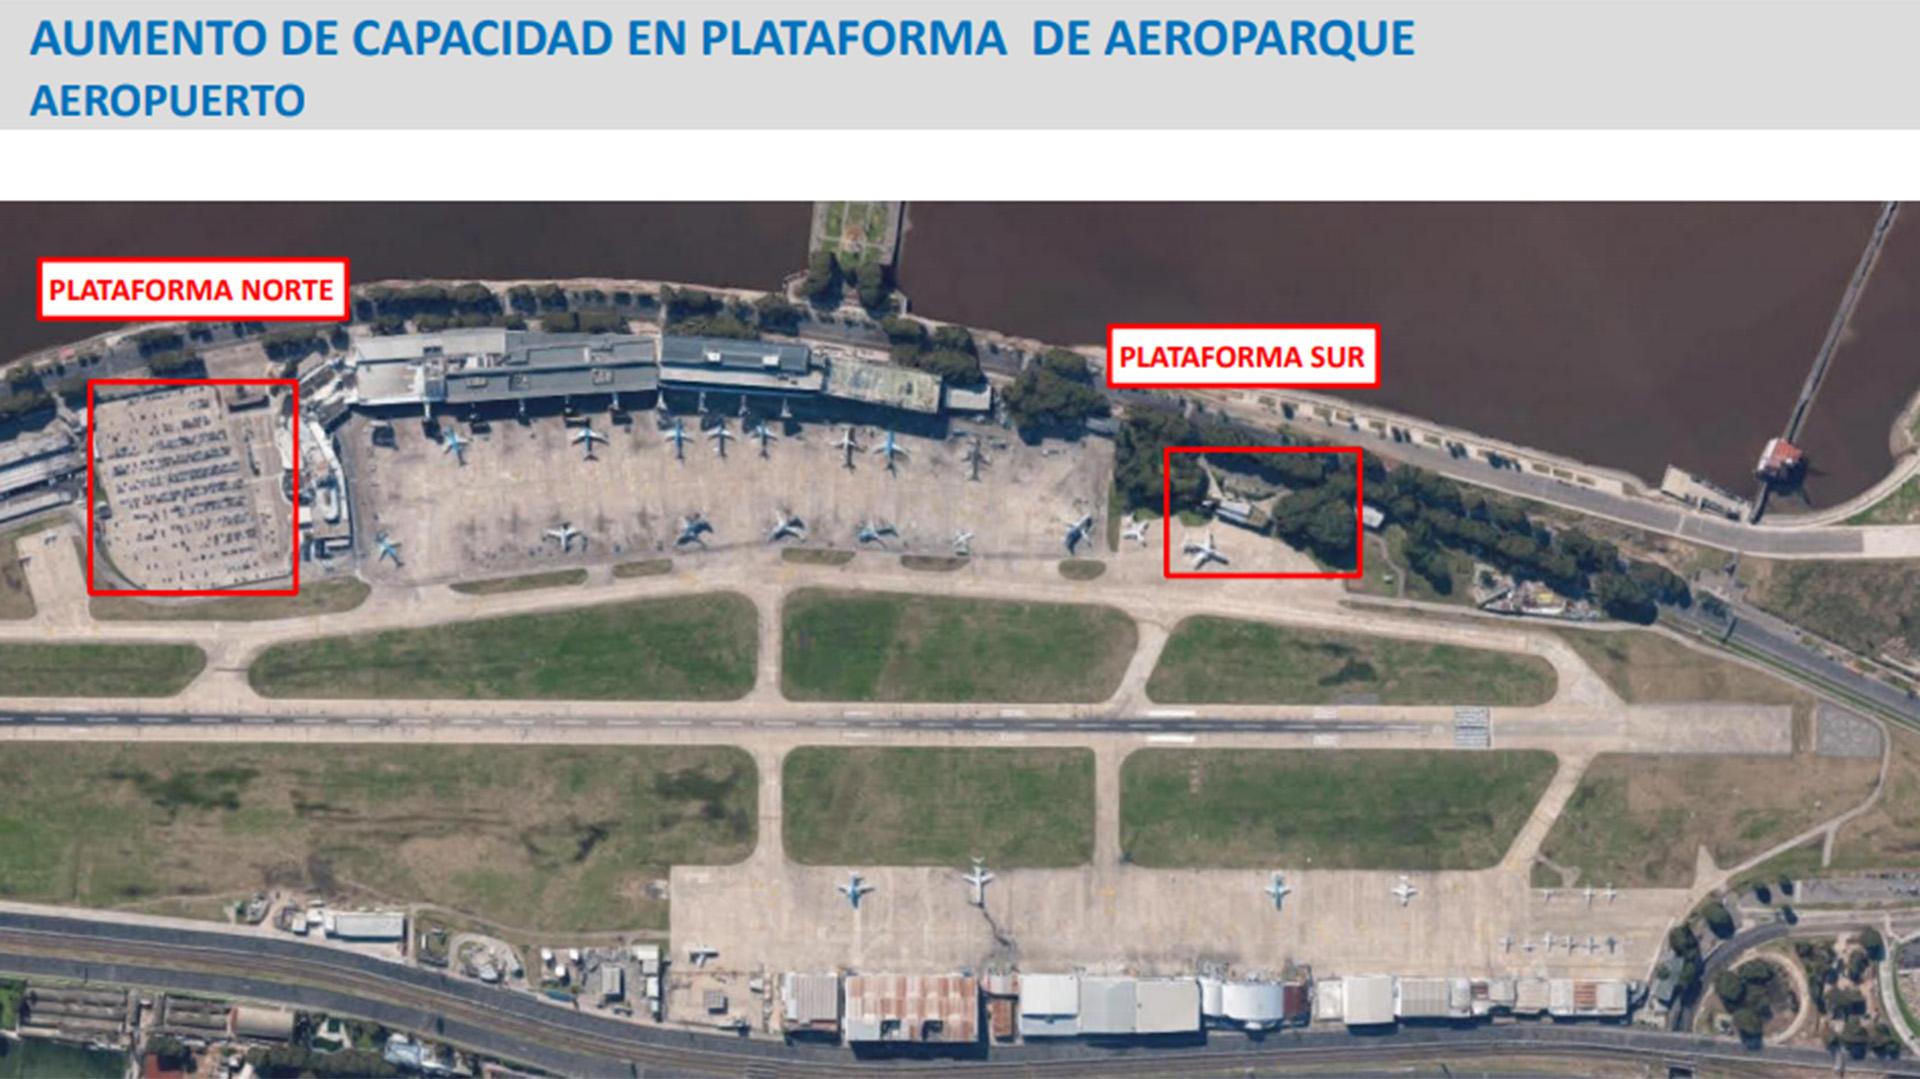 Resultado de imagen para Aeroparque